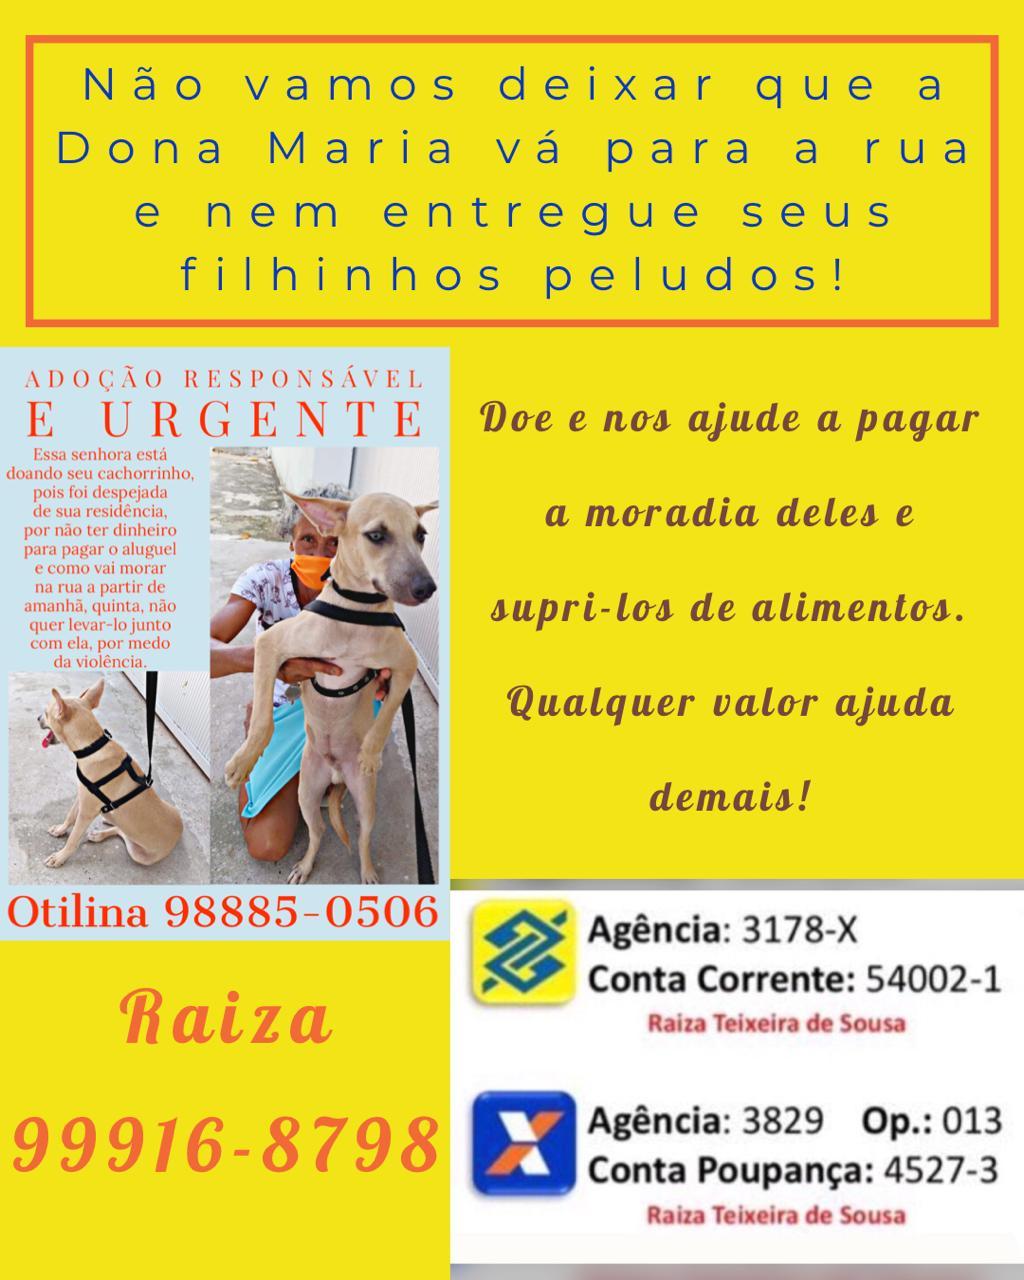 Idosa que iria doar cão por ameaça de despejo ganhará casa em Teresina - Imagem 2